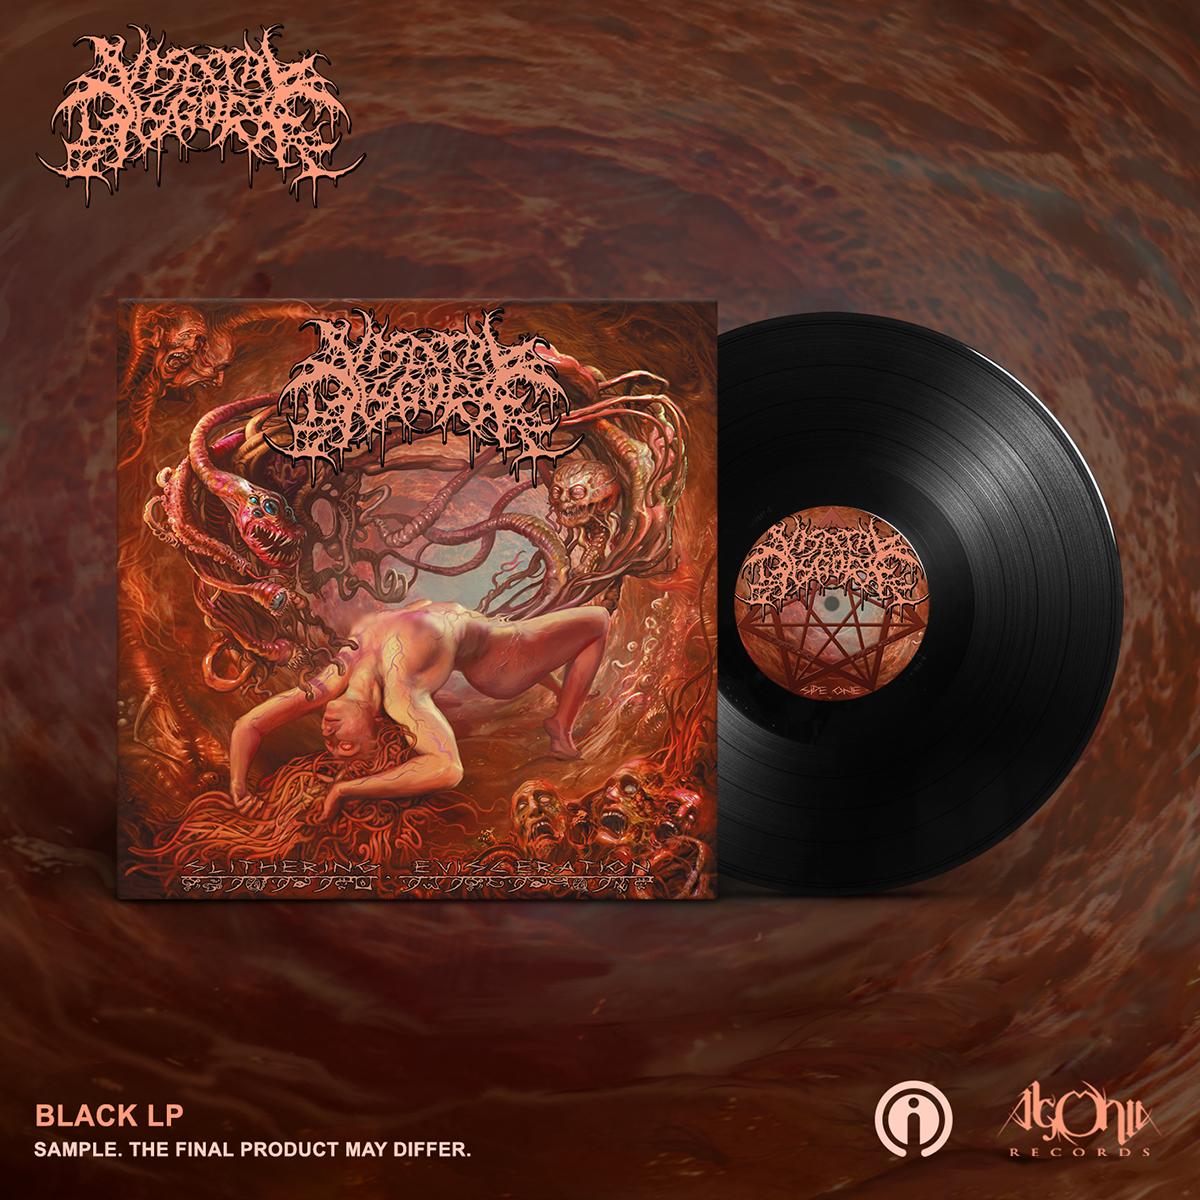 Slithering Evisceration LP + Face Bundle